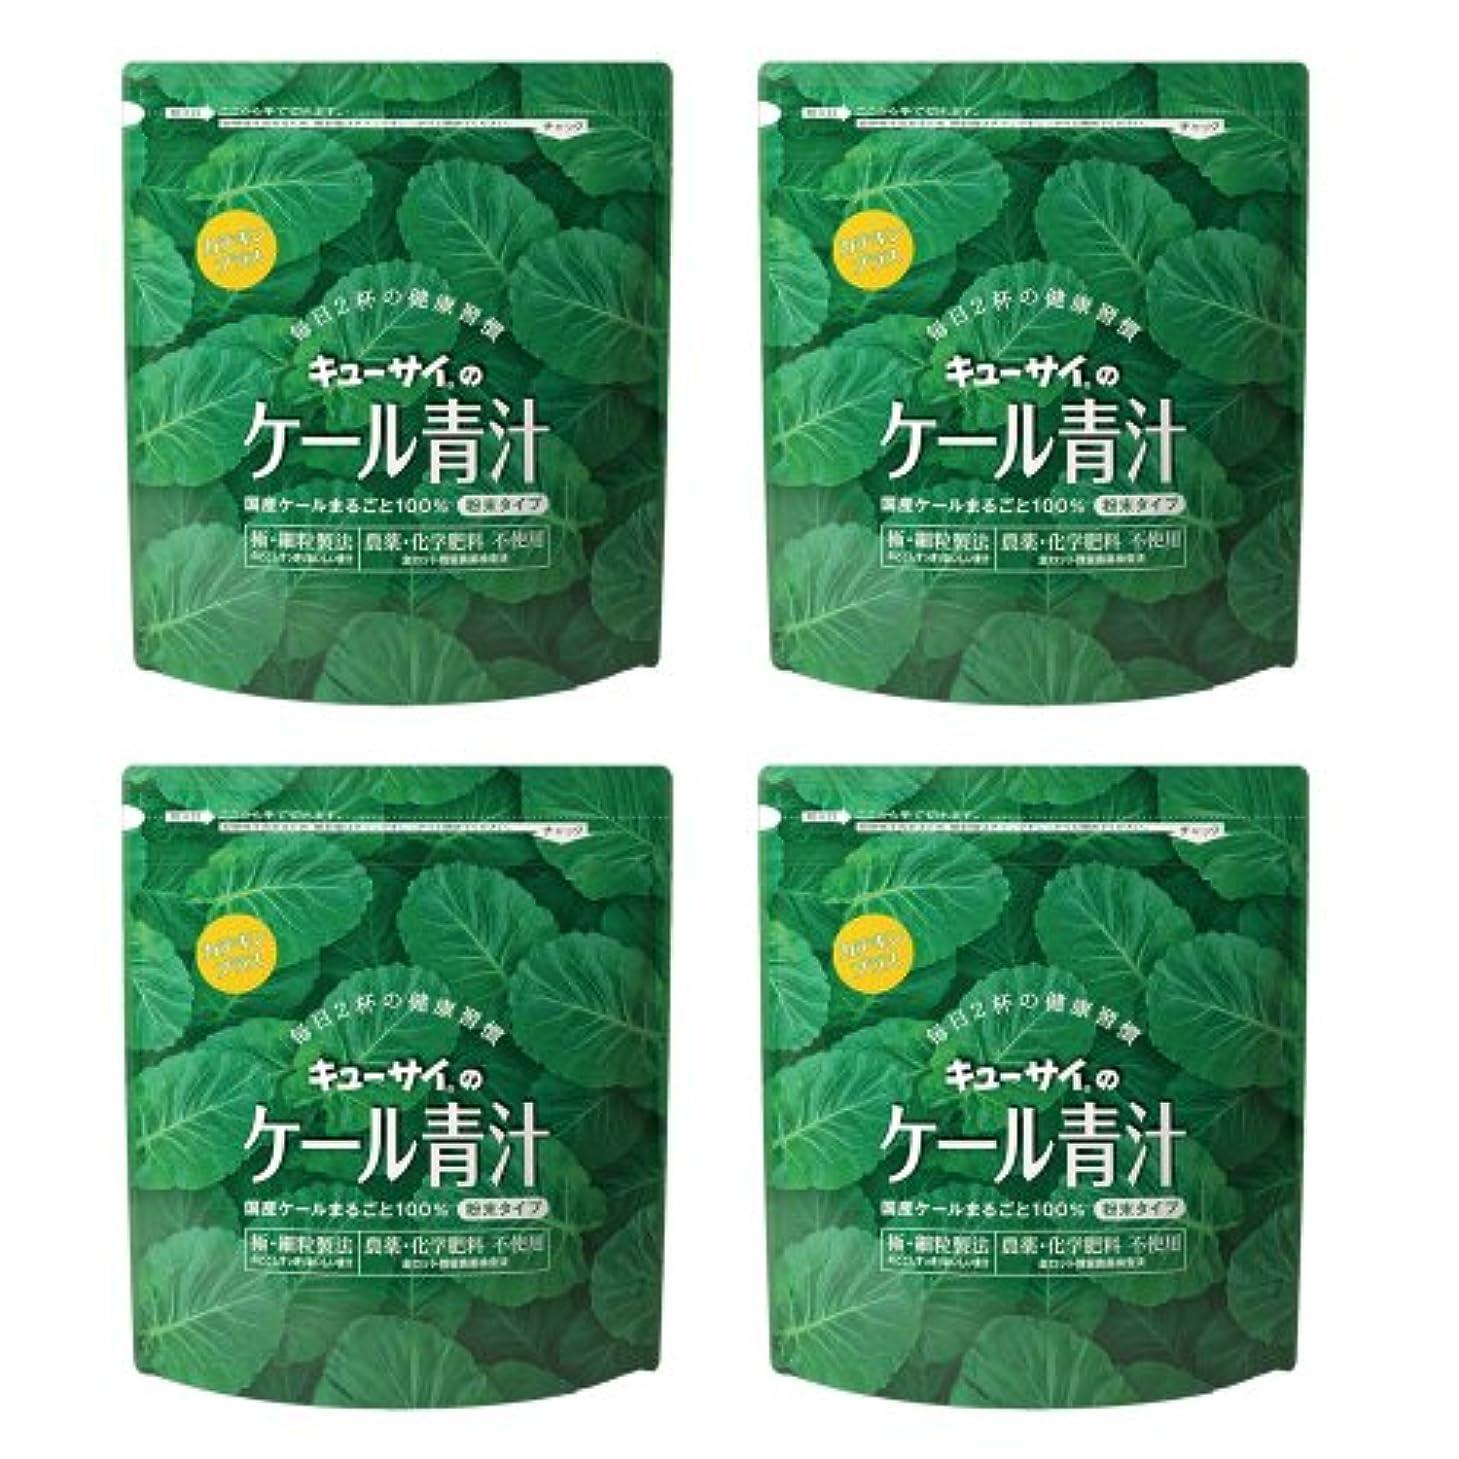 キャップ草一般的にキューサイ青汁カテキンプラス420g(粉末タイプ)4袋まとめ買い【1袋420g(約1カ月分)】